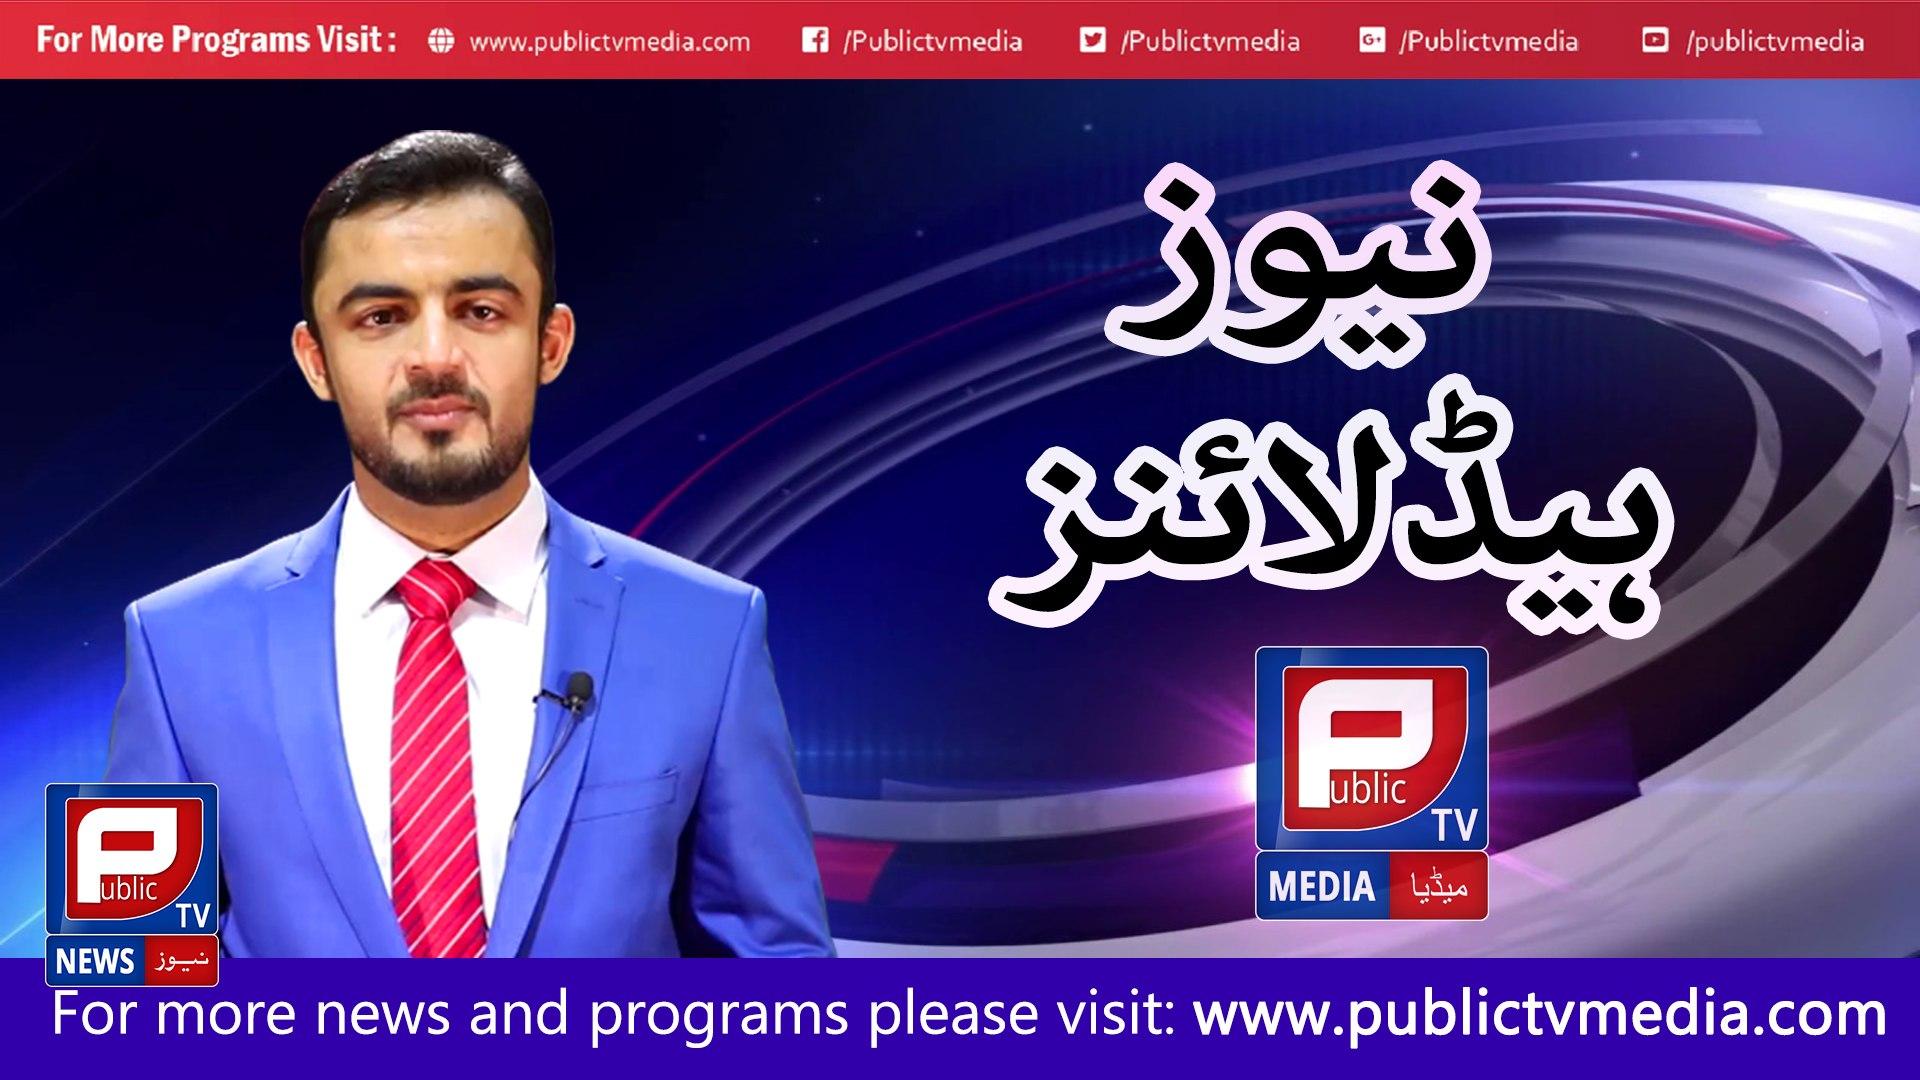 Latest Pakistan News by Aamer Habib l Headlines 23-06-2018 l Public News l Aamir Habib Pakistani New